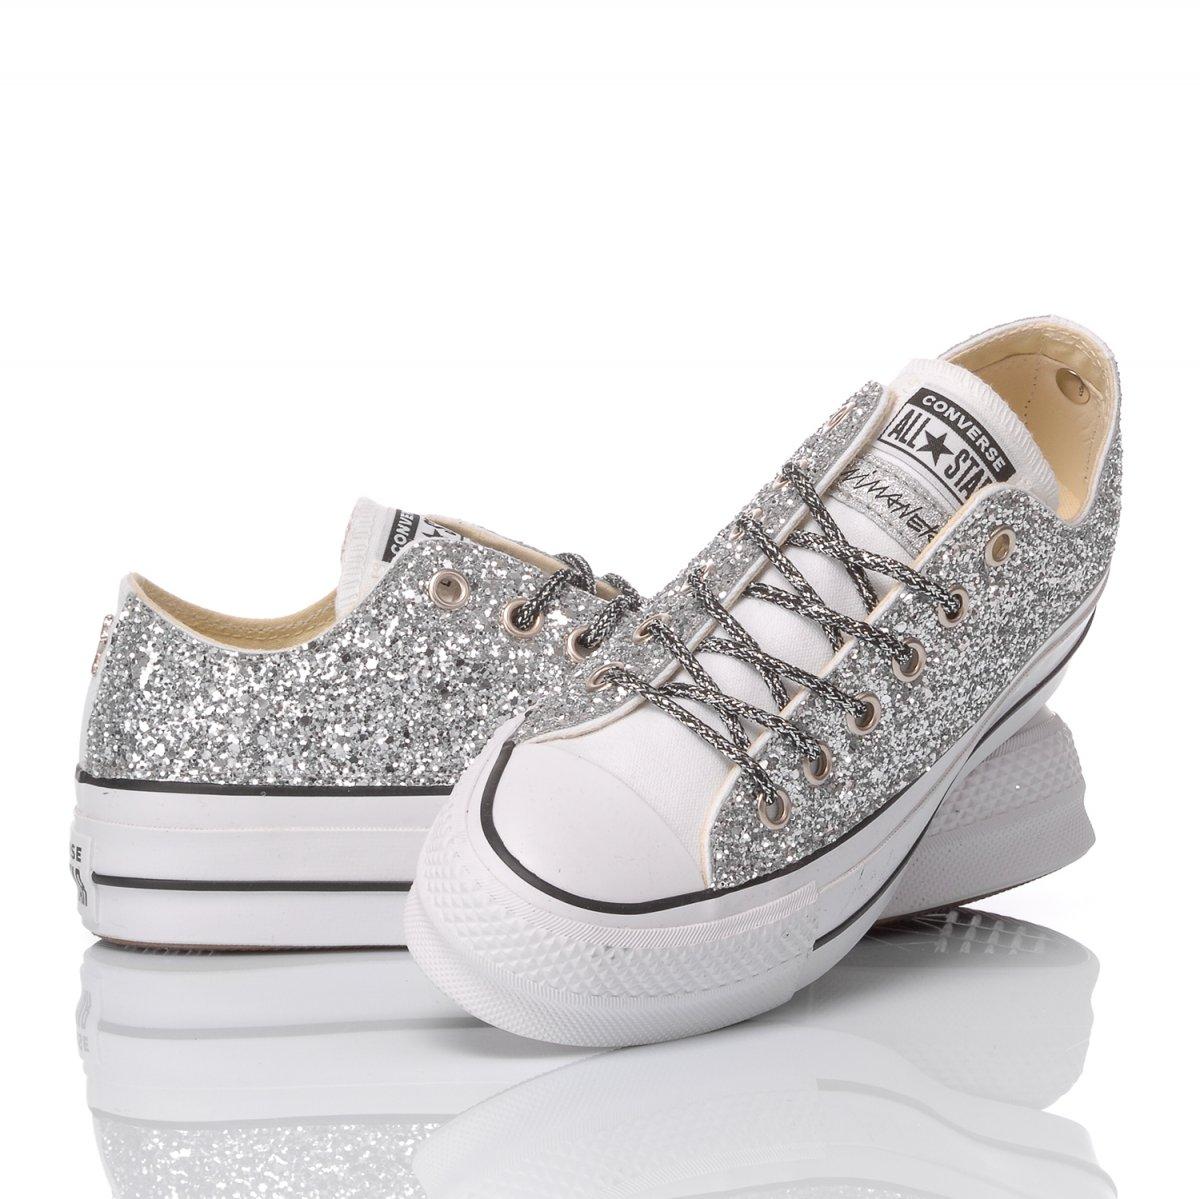 converse platform argento glitter